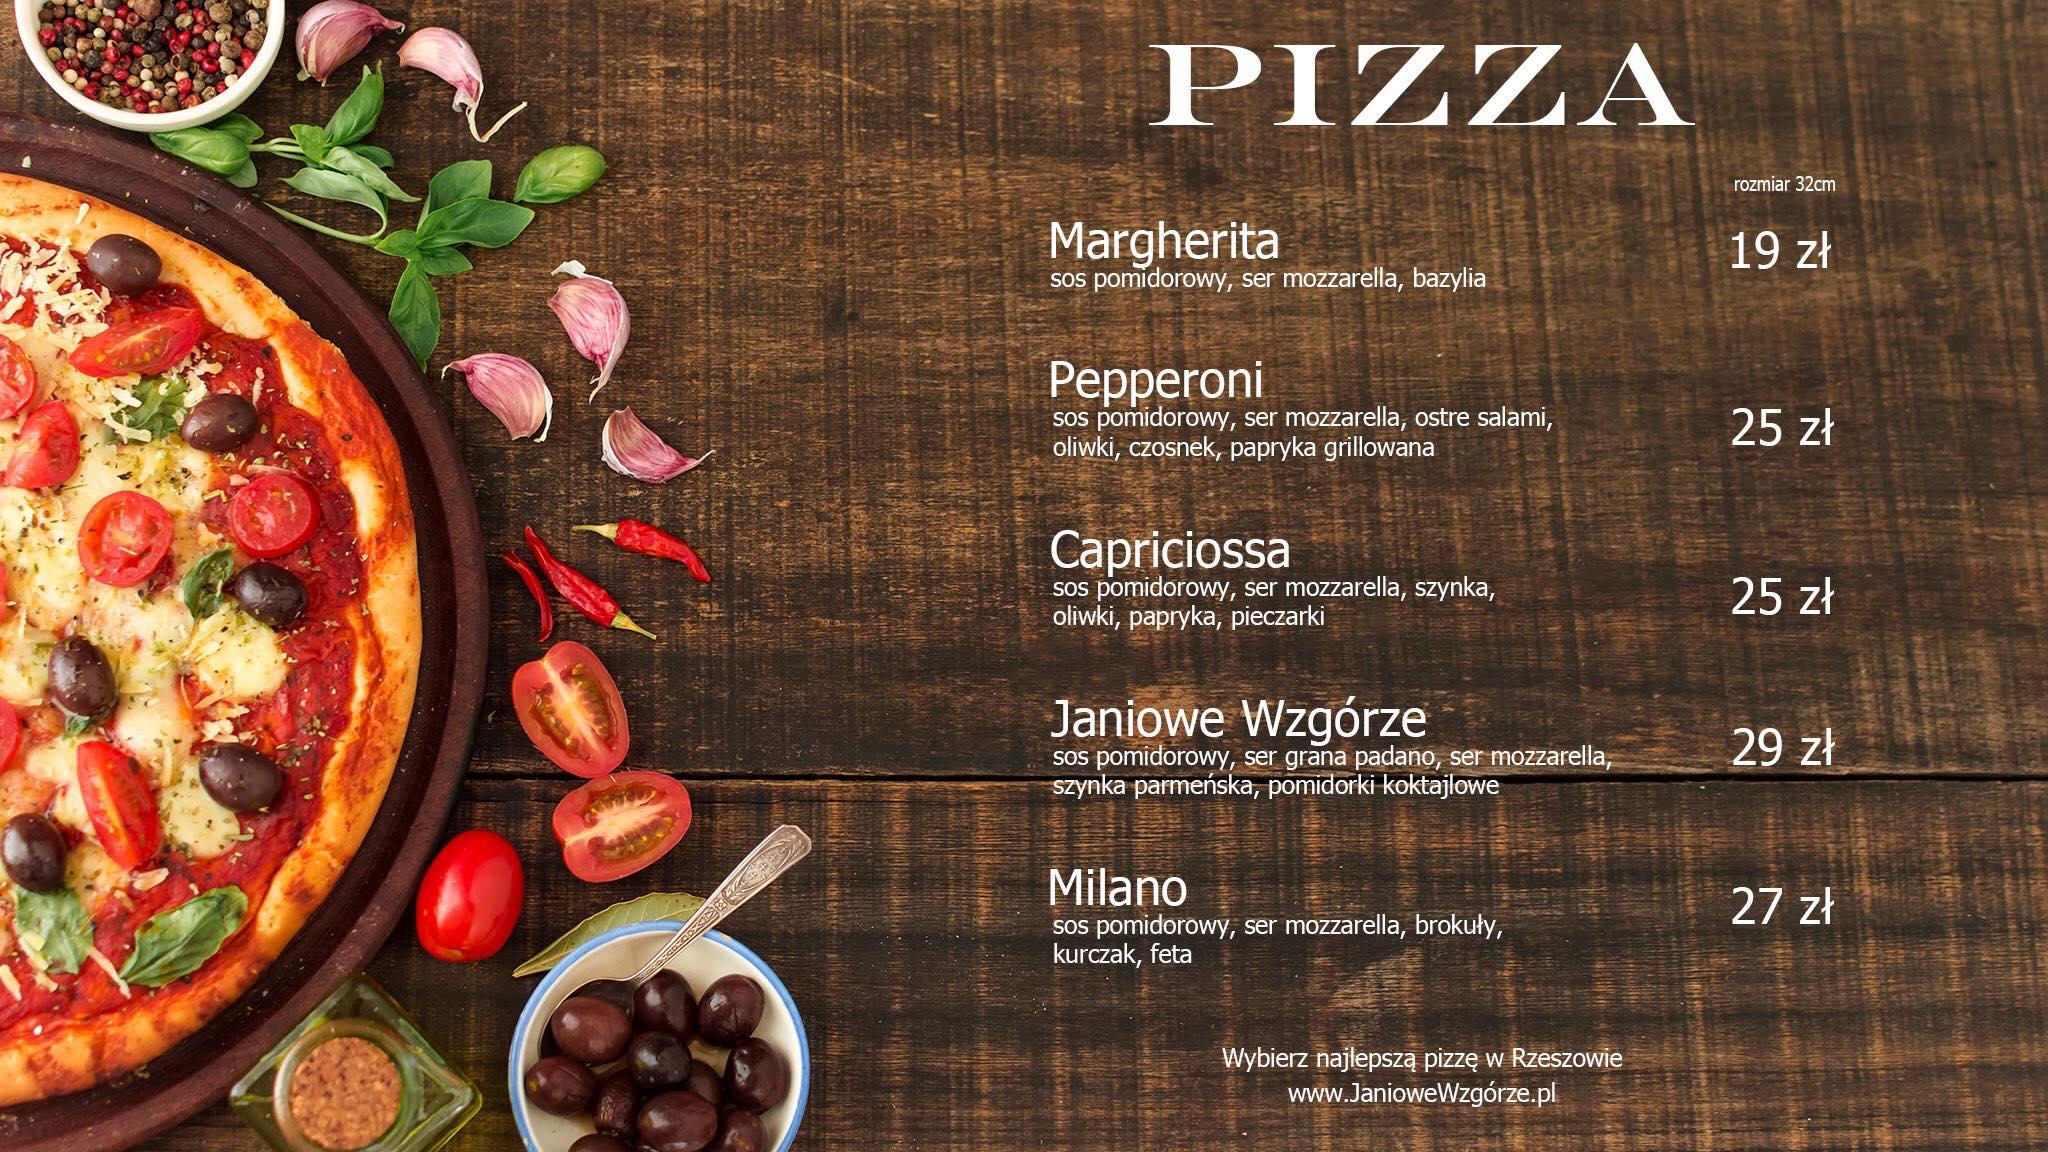 pizza janiowe wzgorze